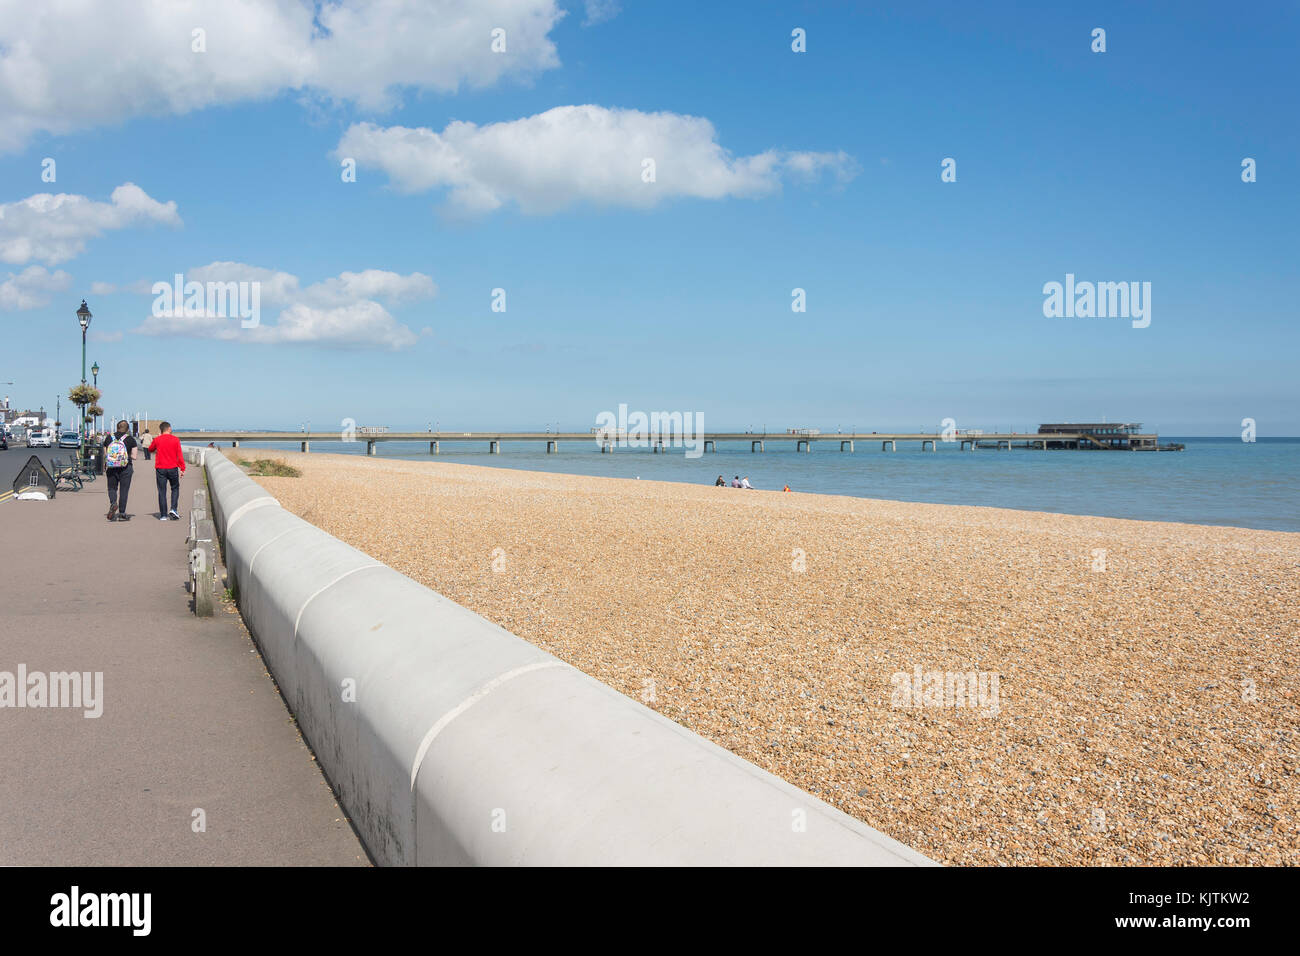 La spiaggia e il molo dal lungomare, trattare, Kent, England, Regno Unito Immagini Stock